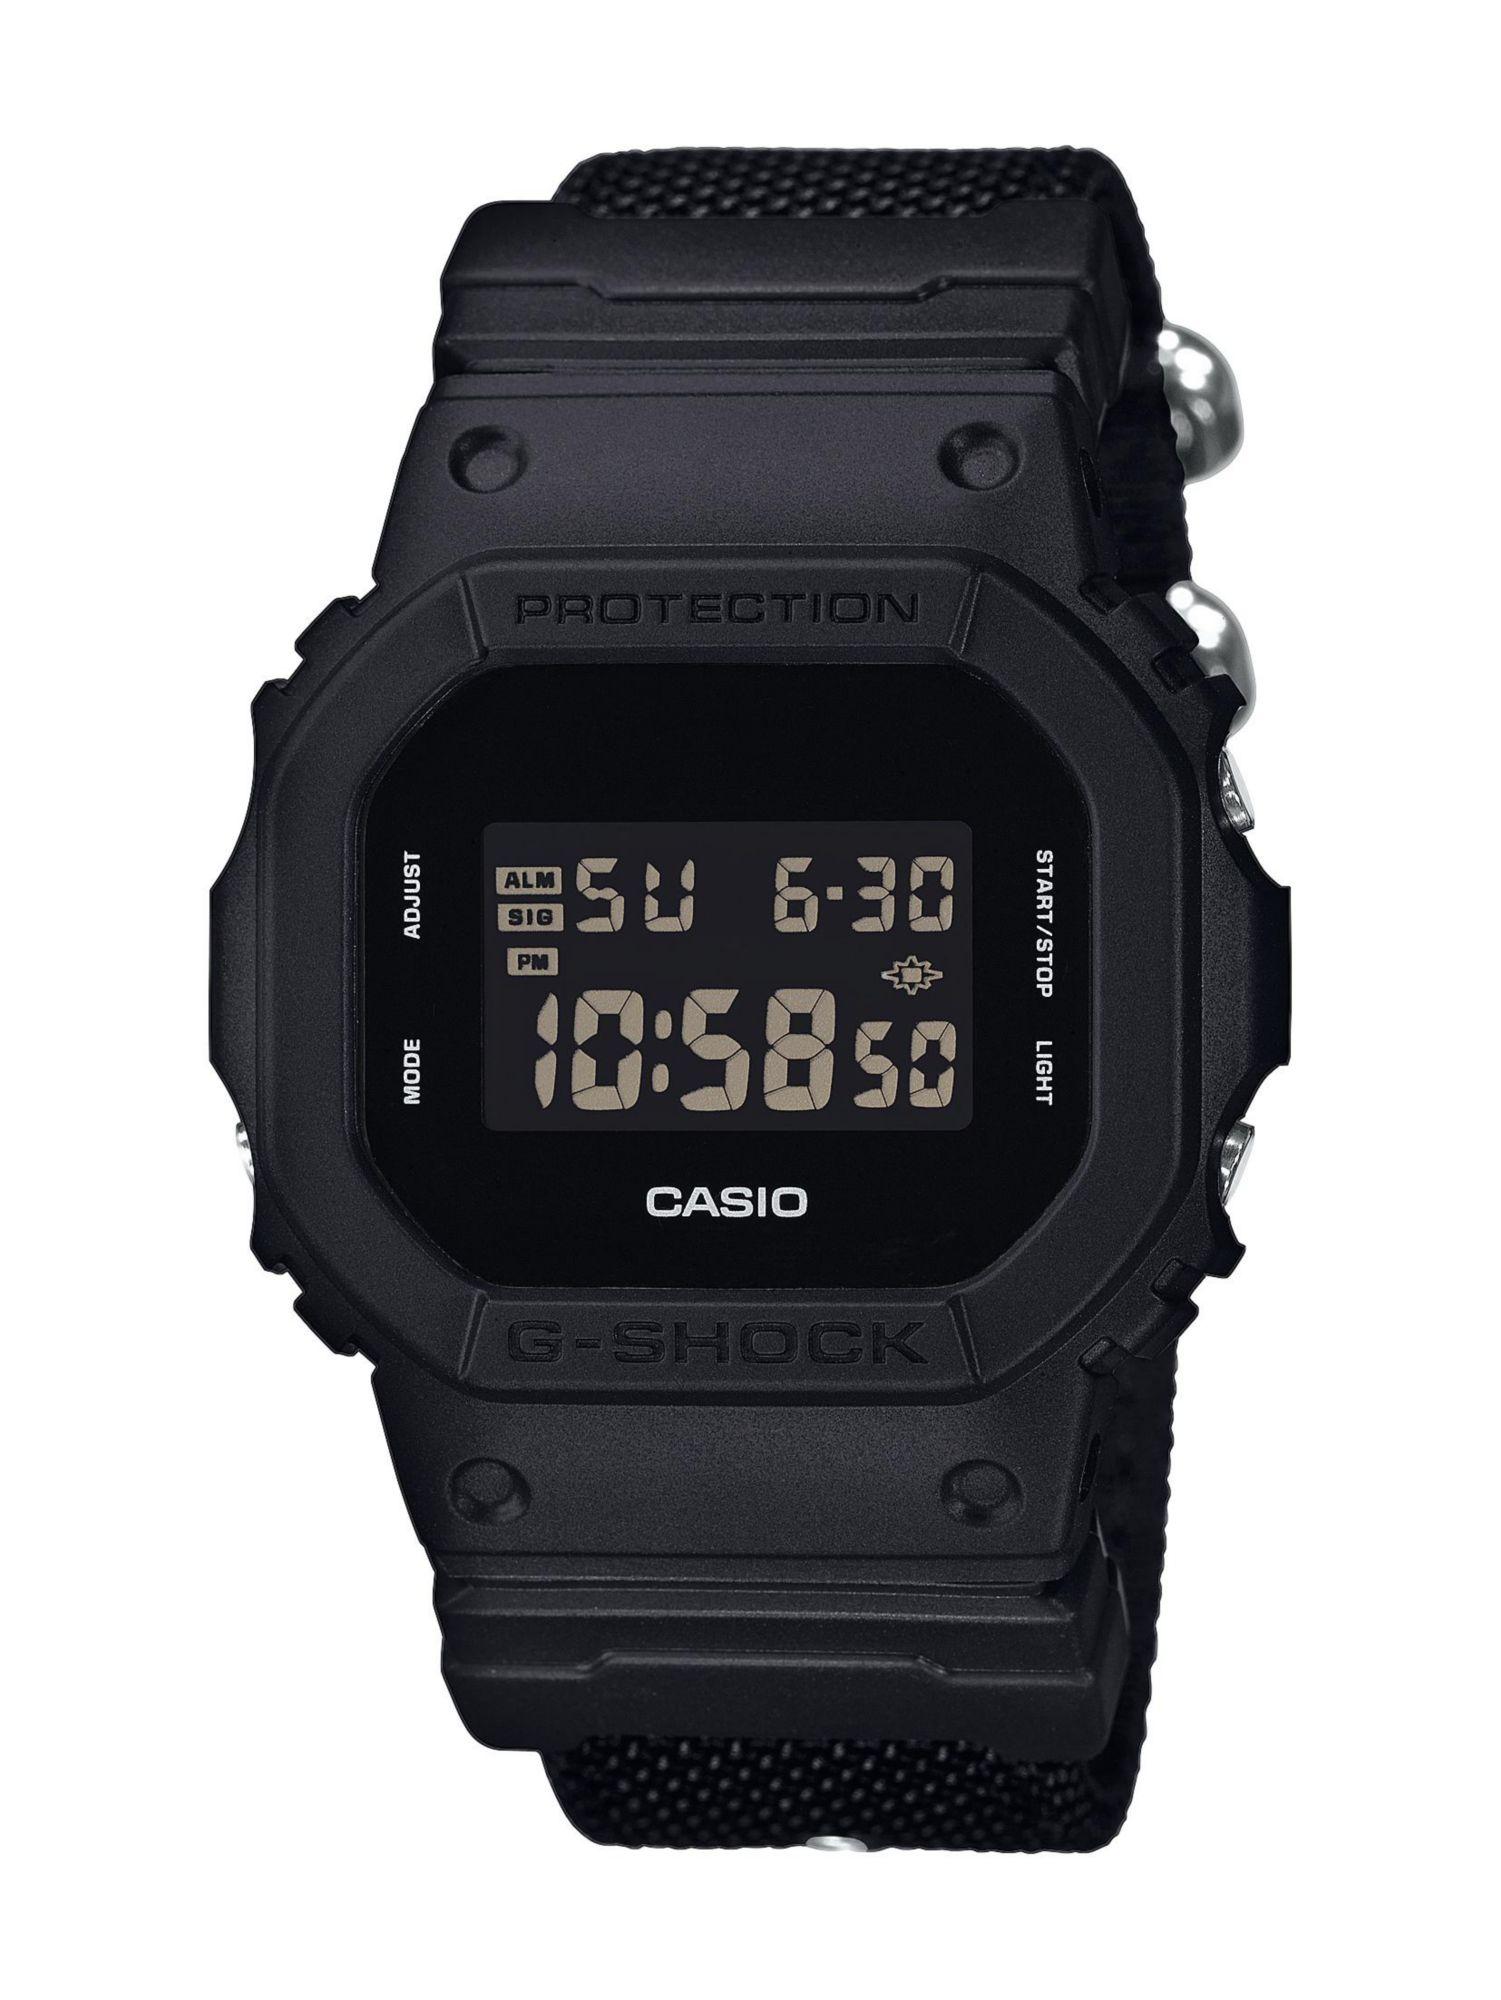 CASIO G SHOCK Casio G-Shock Chronograph »DW-5600BBN-1ER«